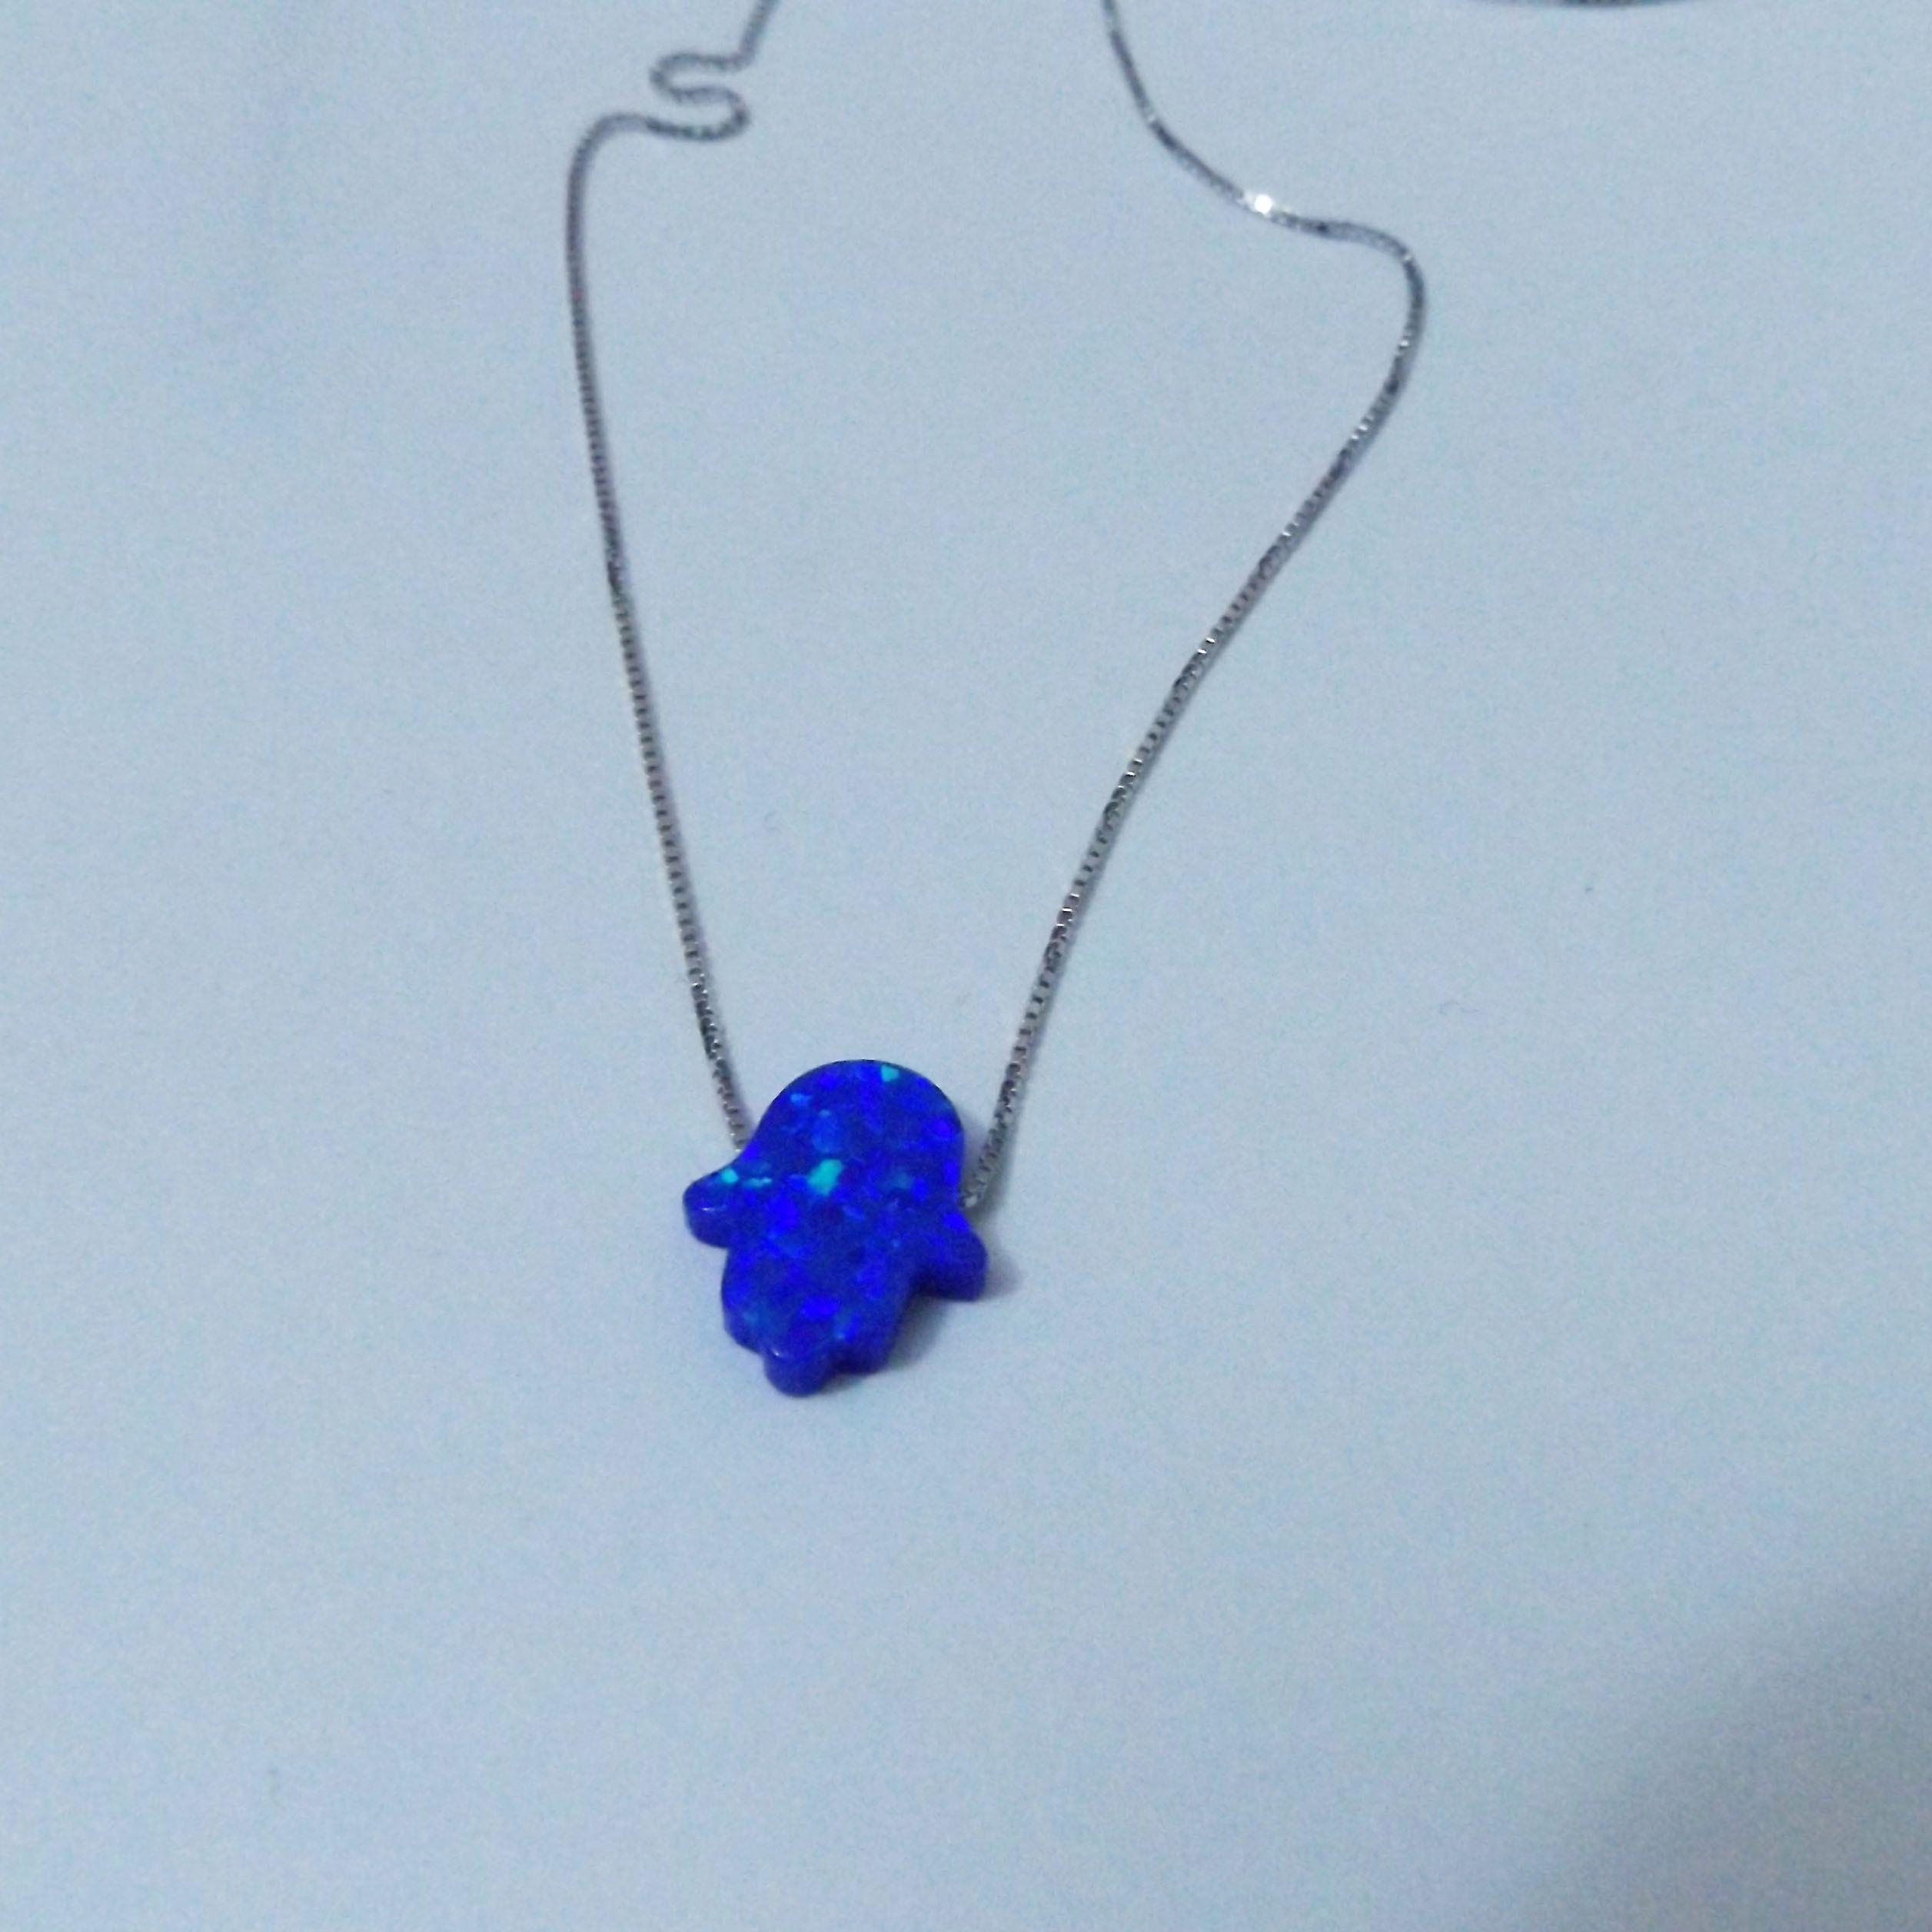 11x13 MM Hamsa mano laboratorio ópalo collar de plata 925 ópalo collar 5 unids mucho para mujeres